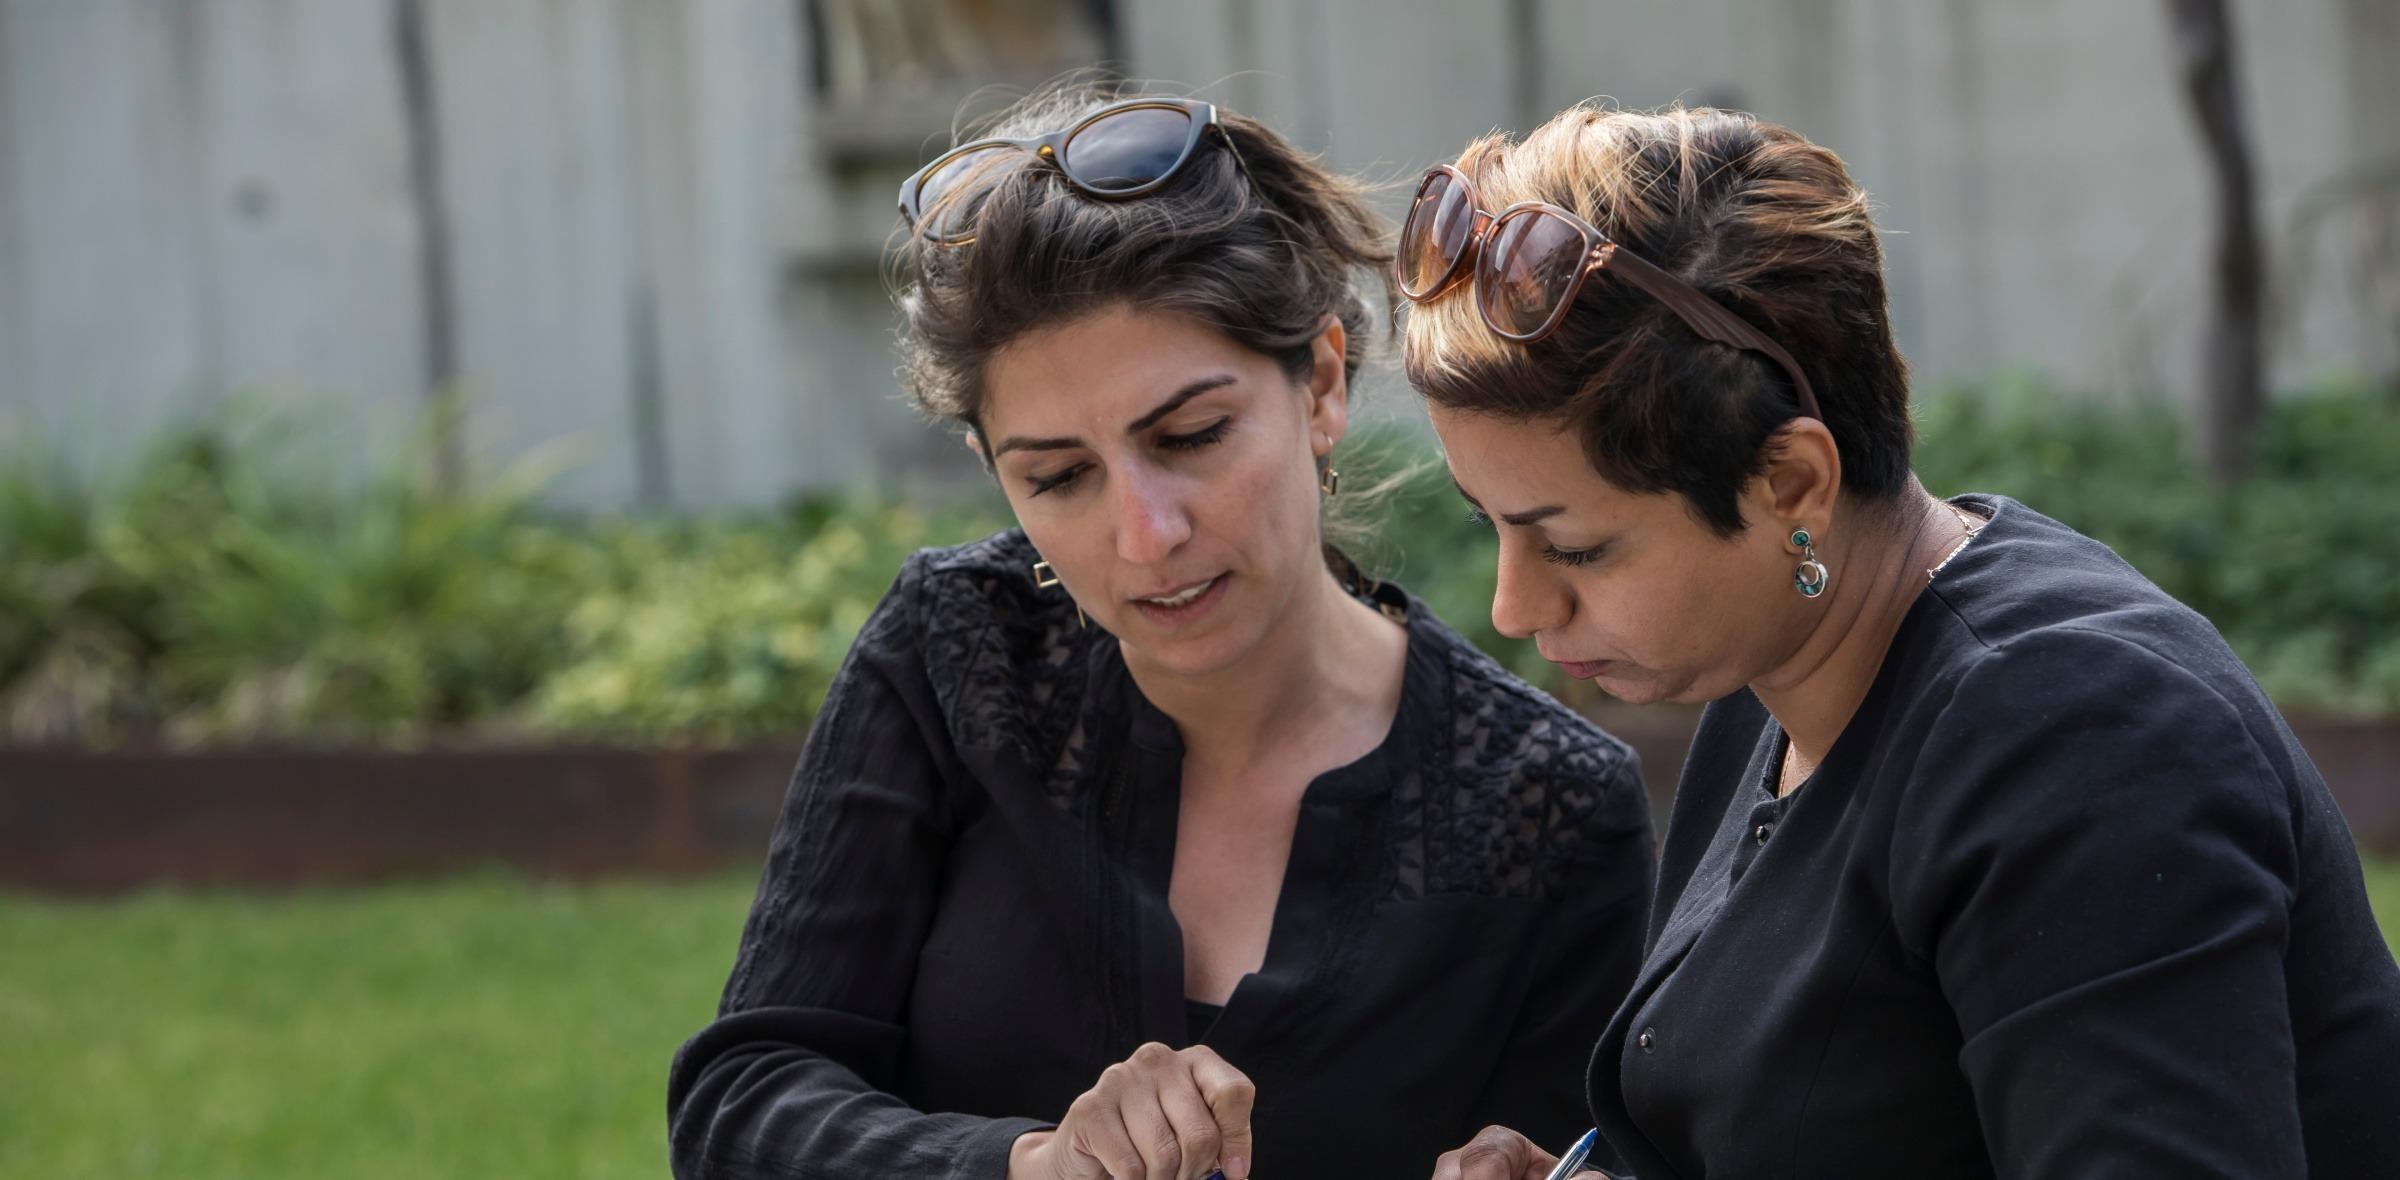 Zwei Frauen füllen gemeinsam ein Dokument aus.